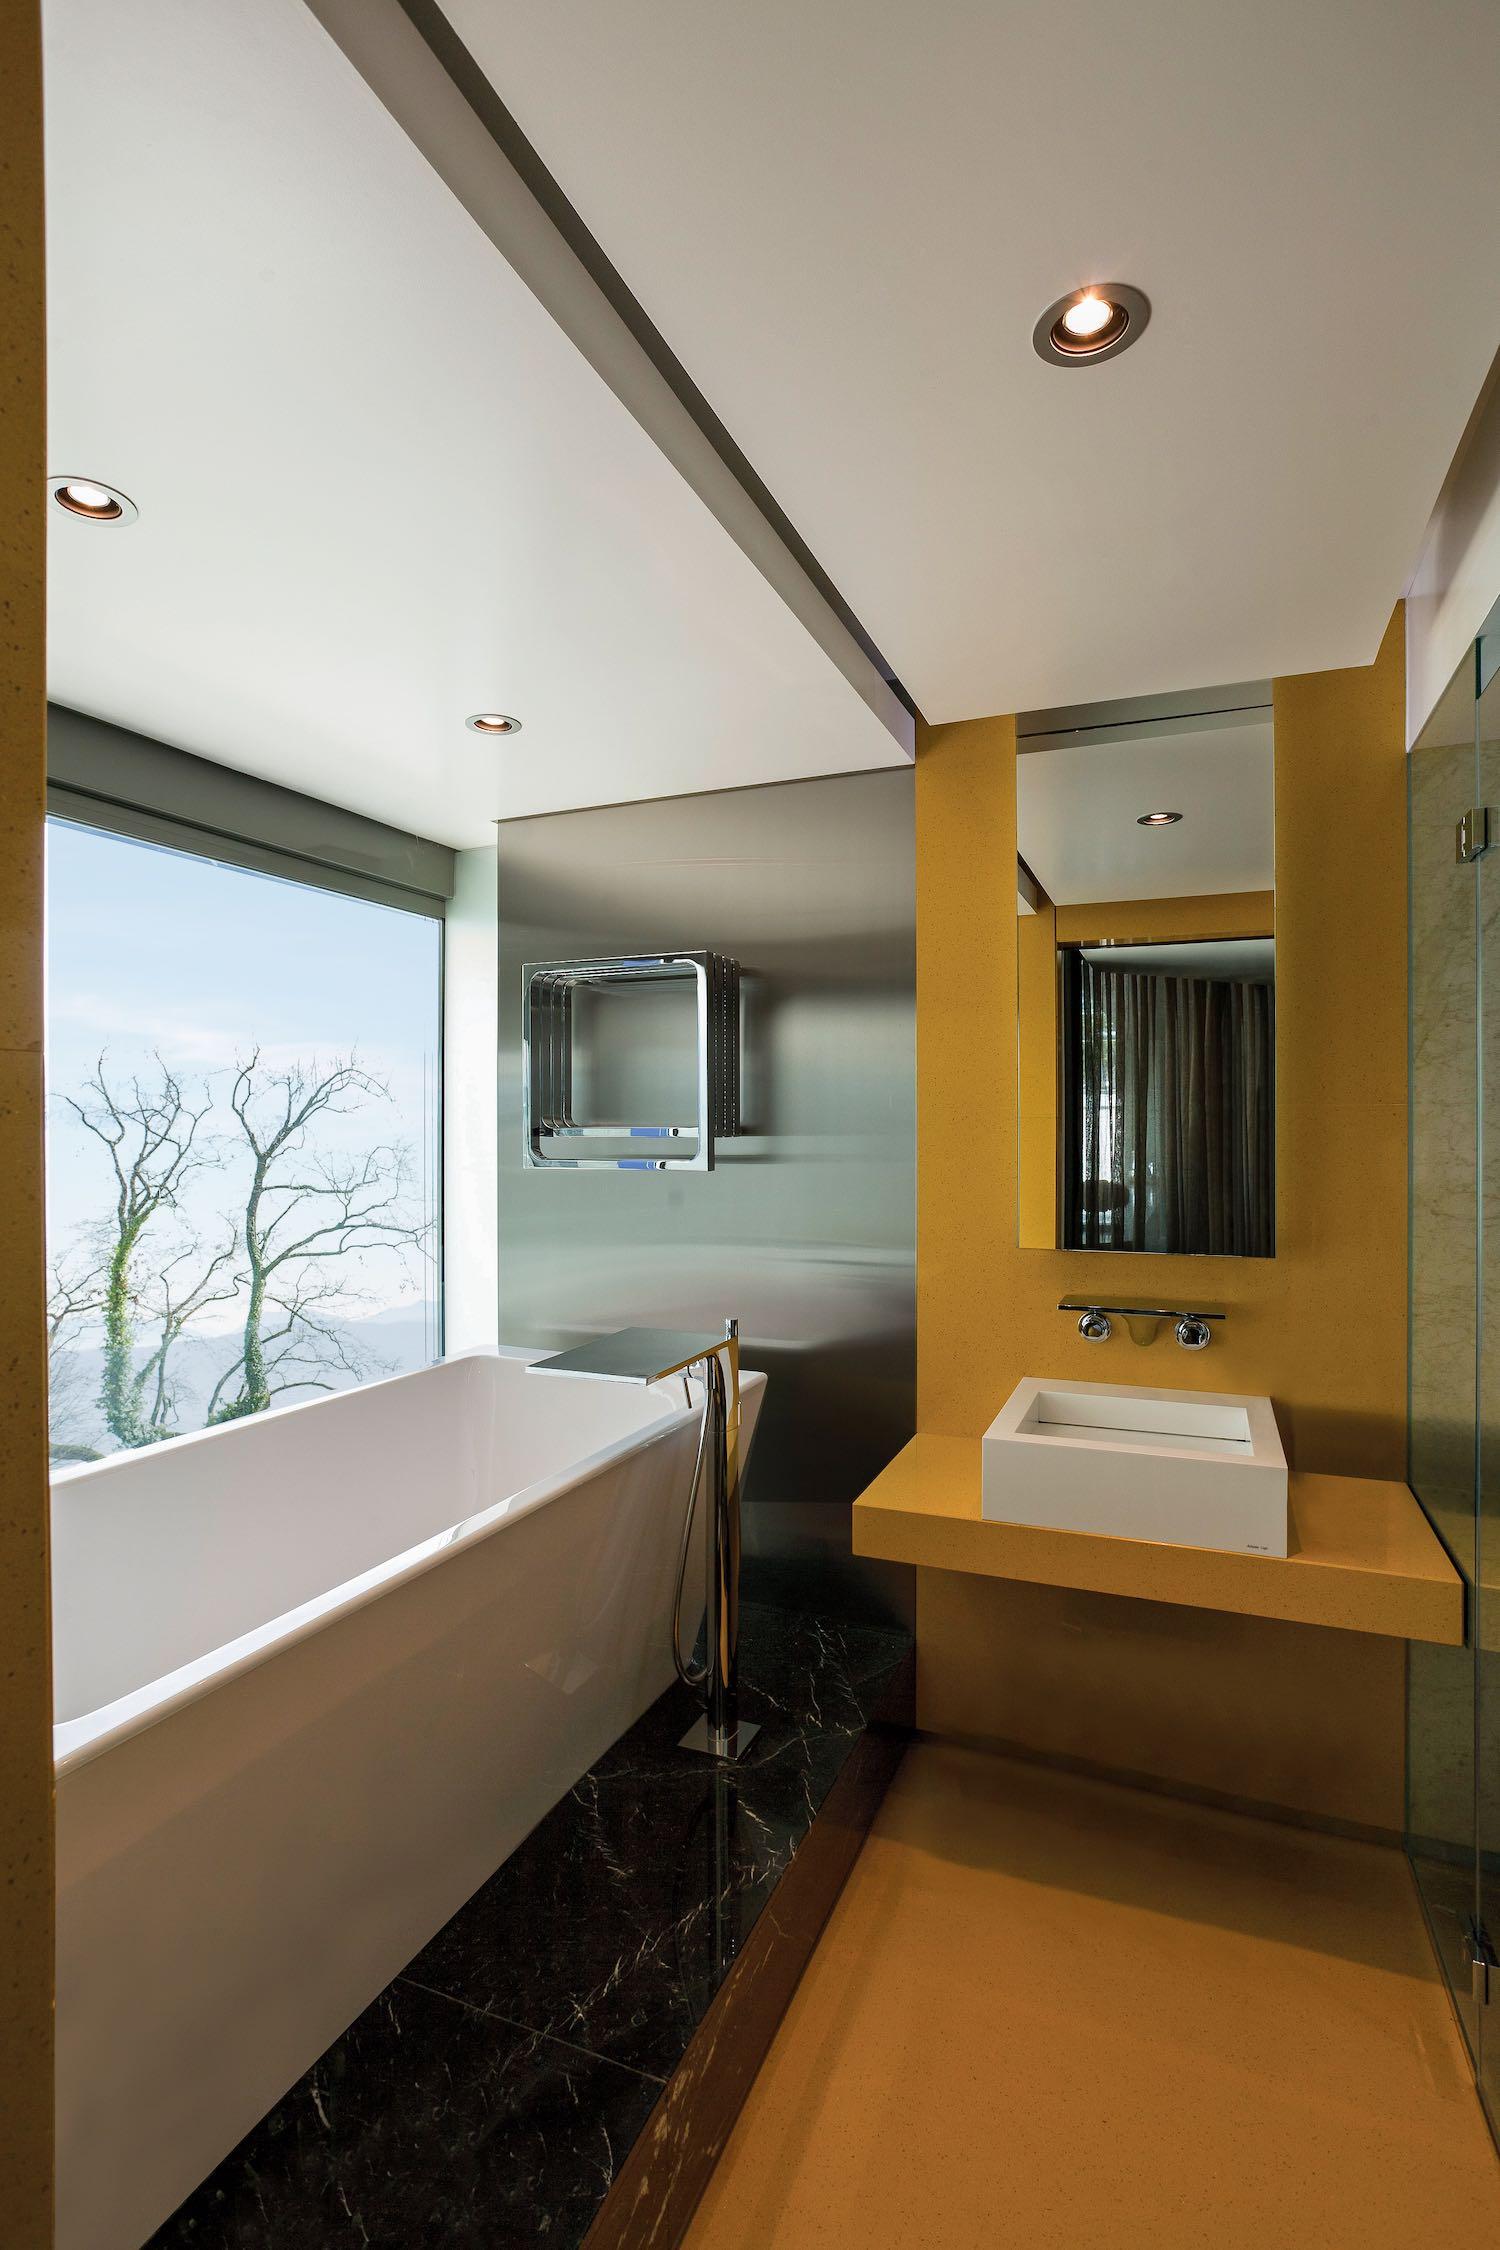 bathtub near window